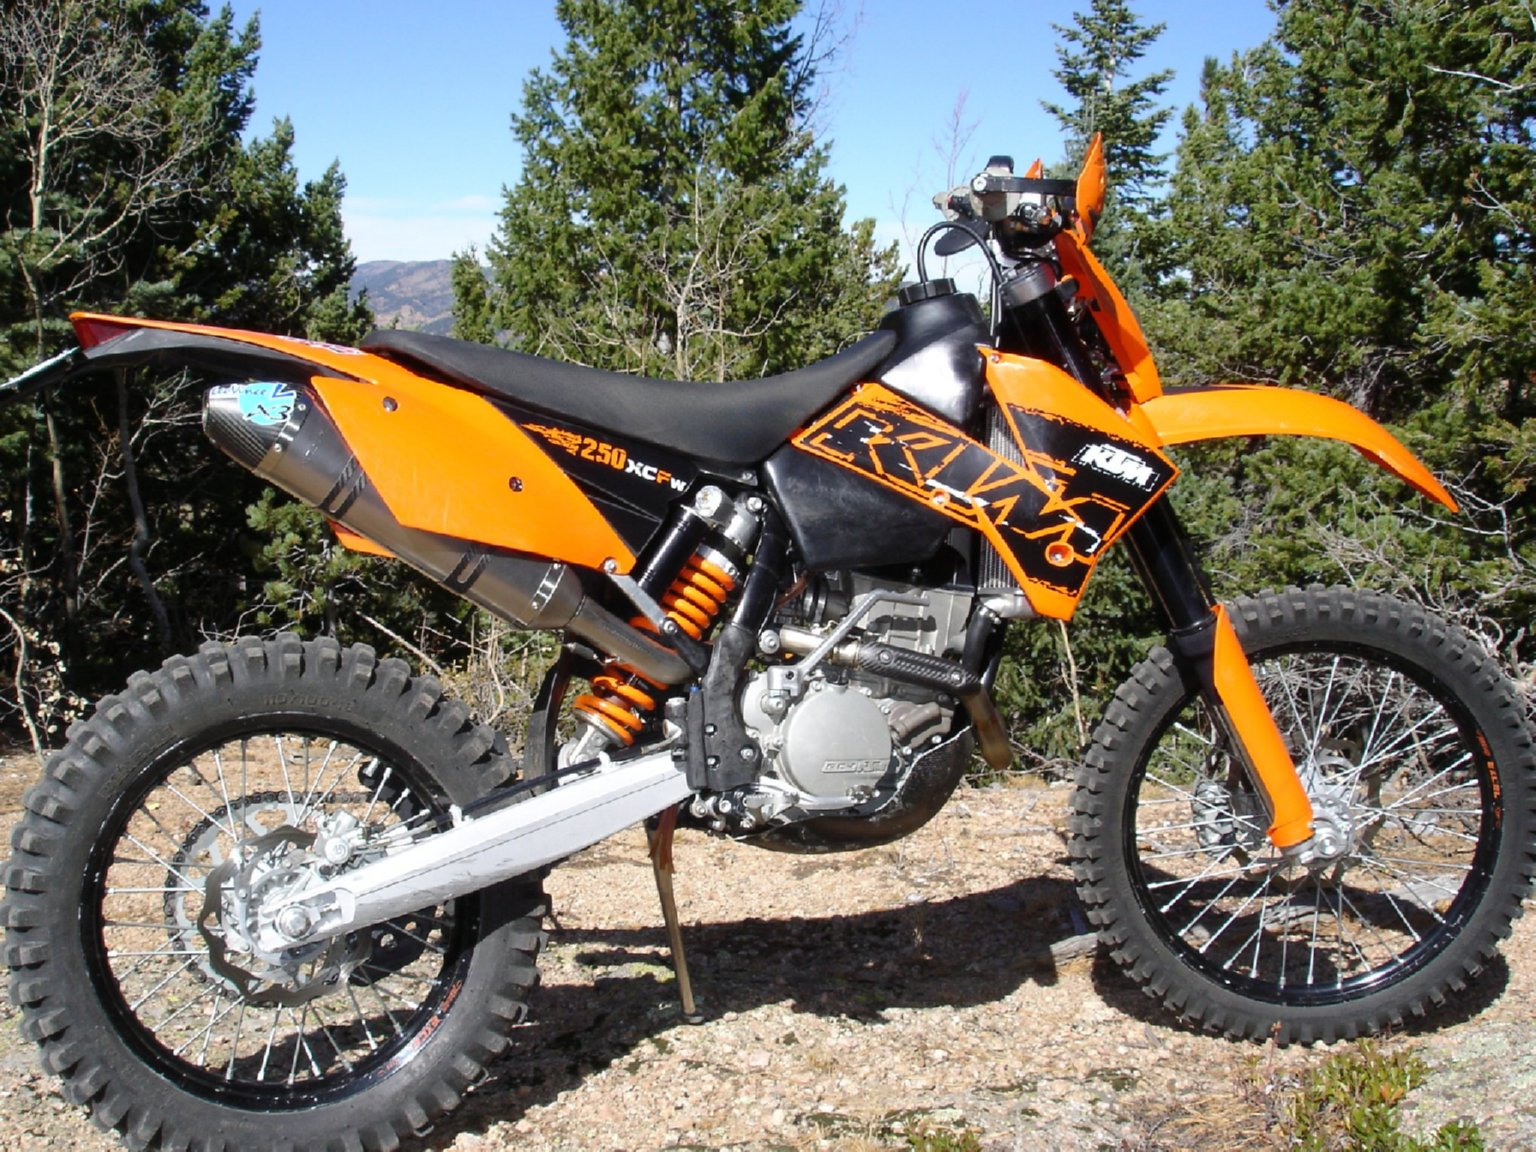 deathtrail bike setup